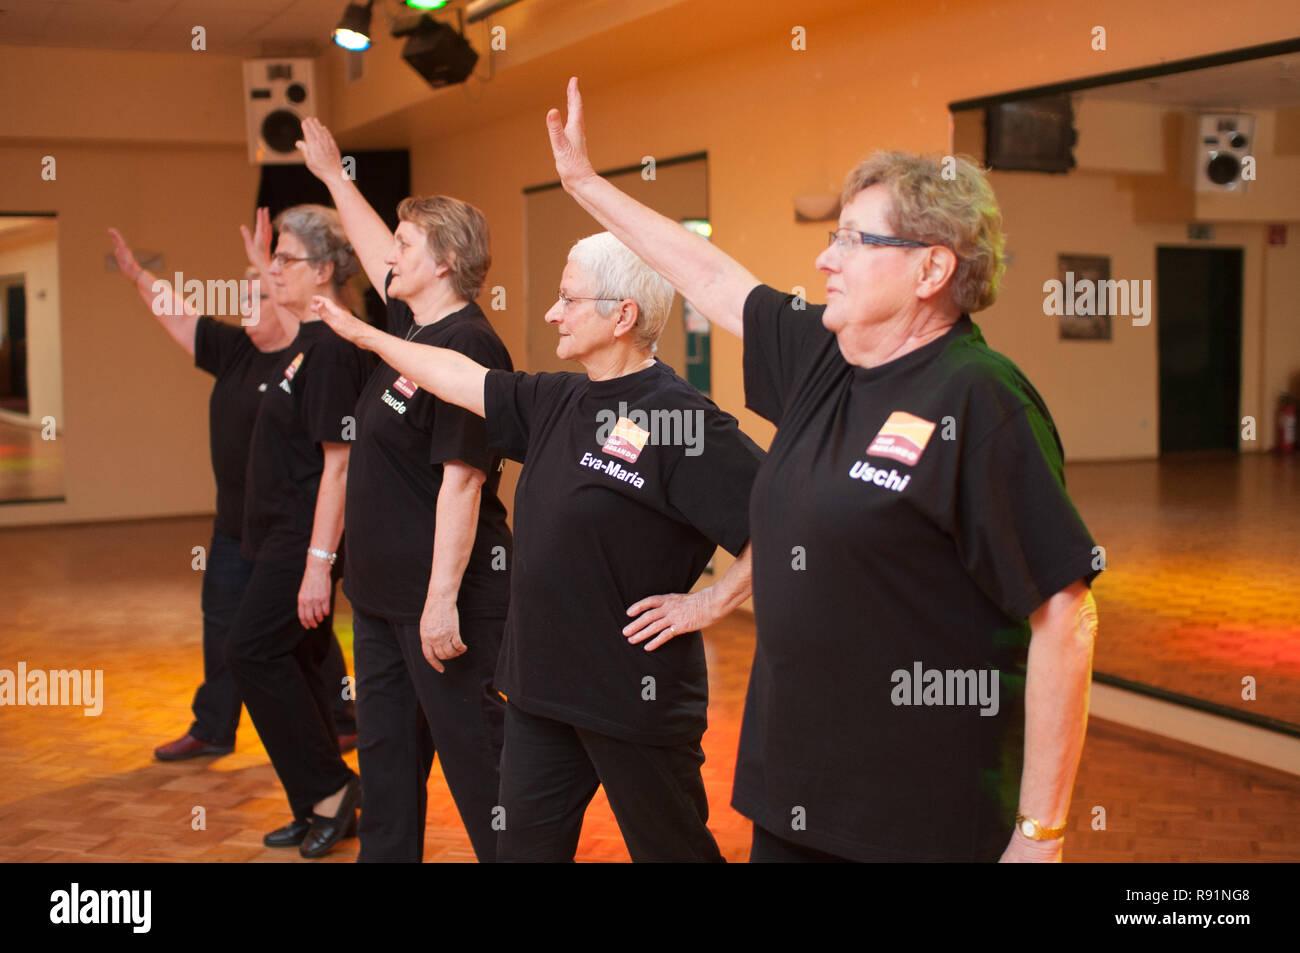 28.02.2011, Itzehoe, Schleswig-Holstein, Germany -  Agilando - Tanzen und Fitness mit Seniorinnen bei der Tanzschule Giesen in Itzehoe. 0RX110228D419C - Stock Image